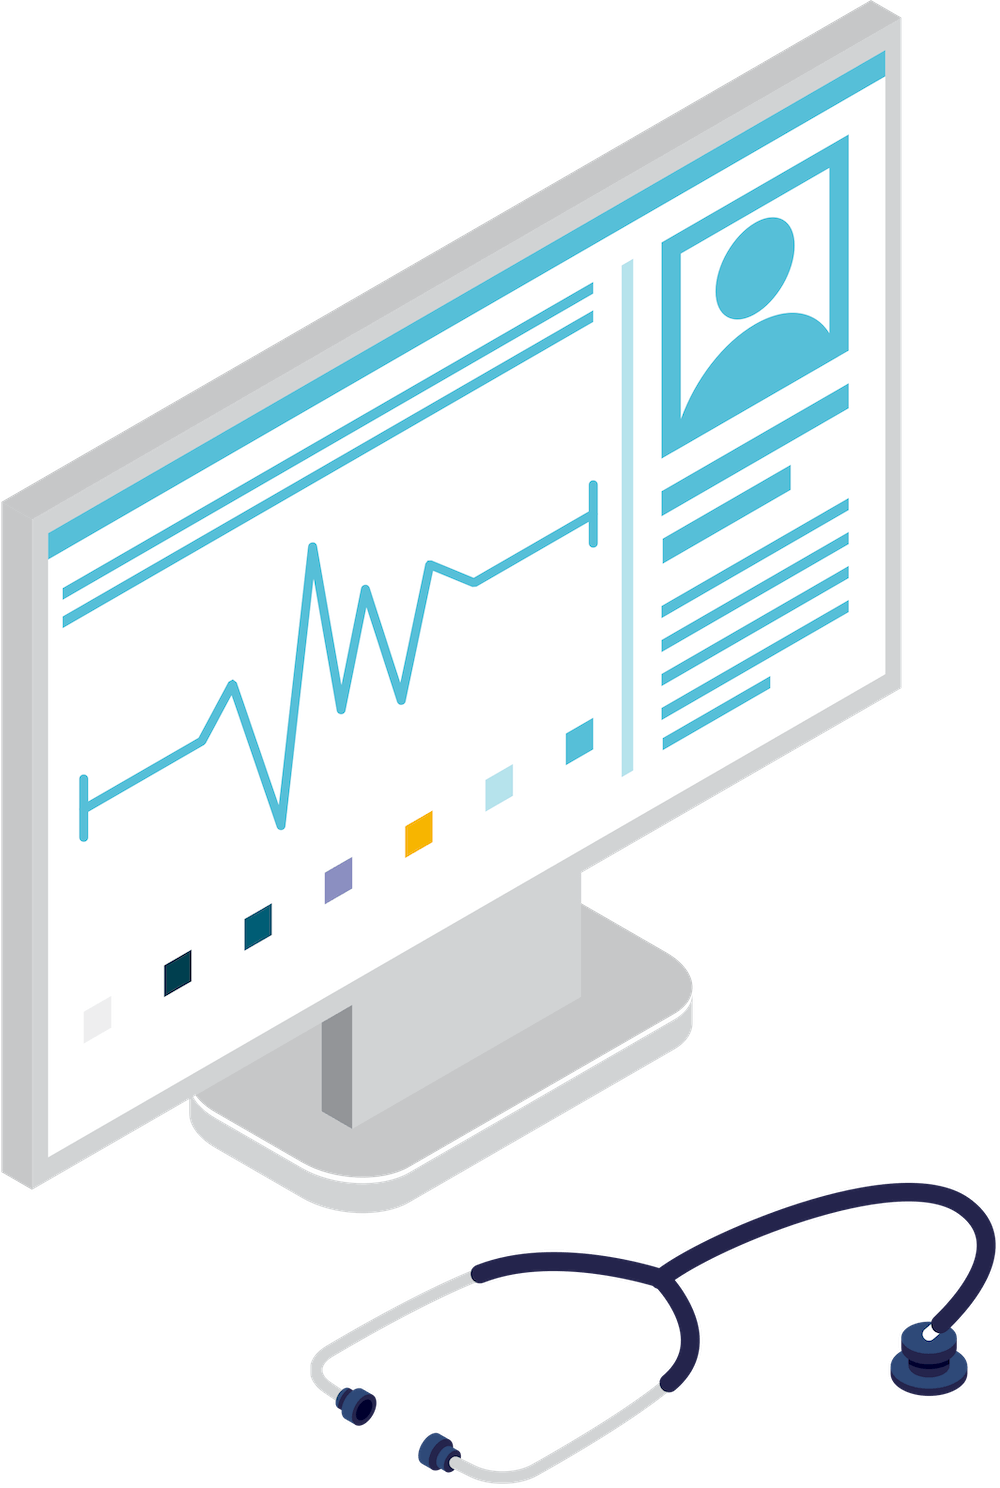 monitor-stethoscope